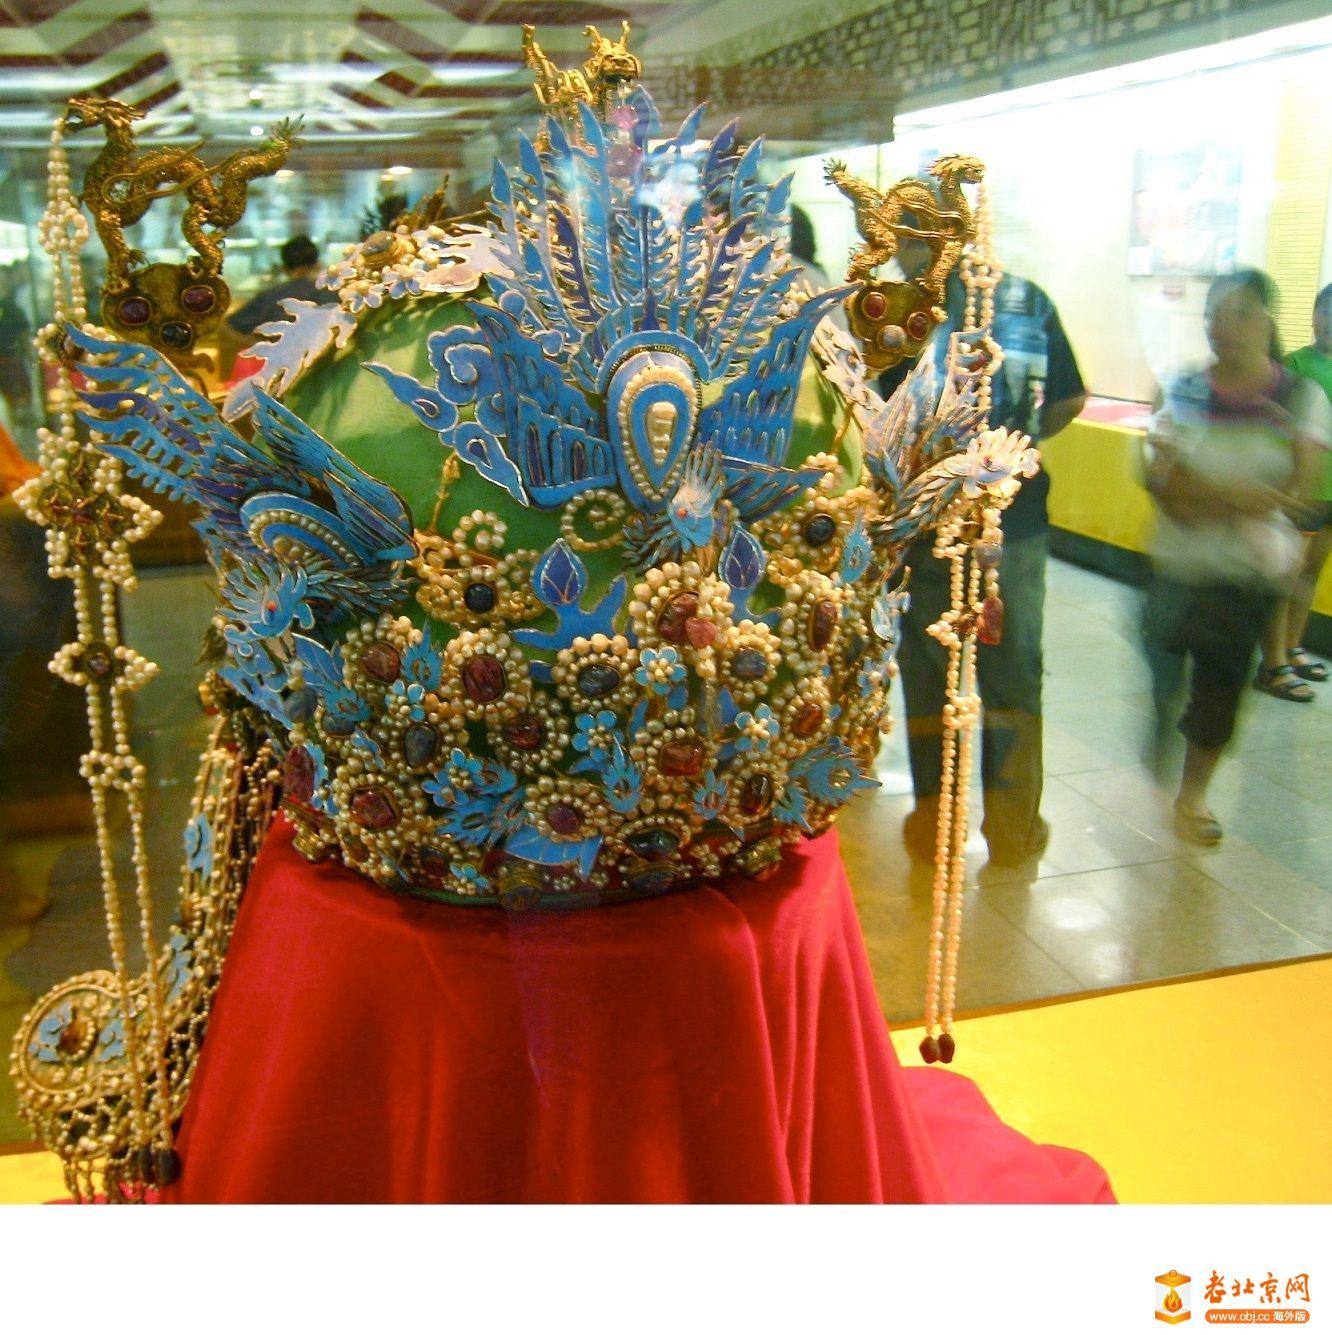 孝端顯皇后的燕居冠六龍三鳳冠Ming_Dynasty_phoenix_crown.jpg